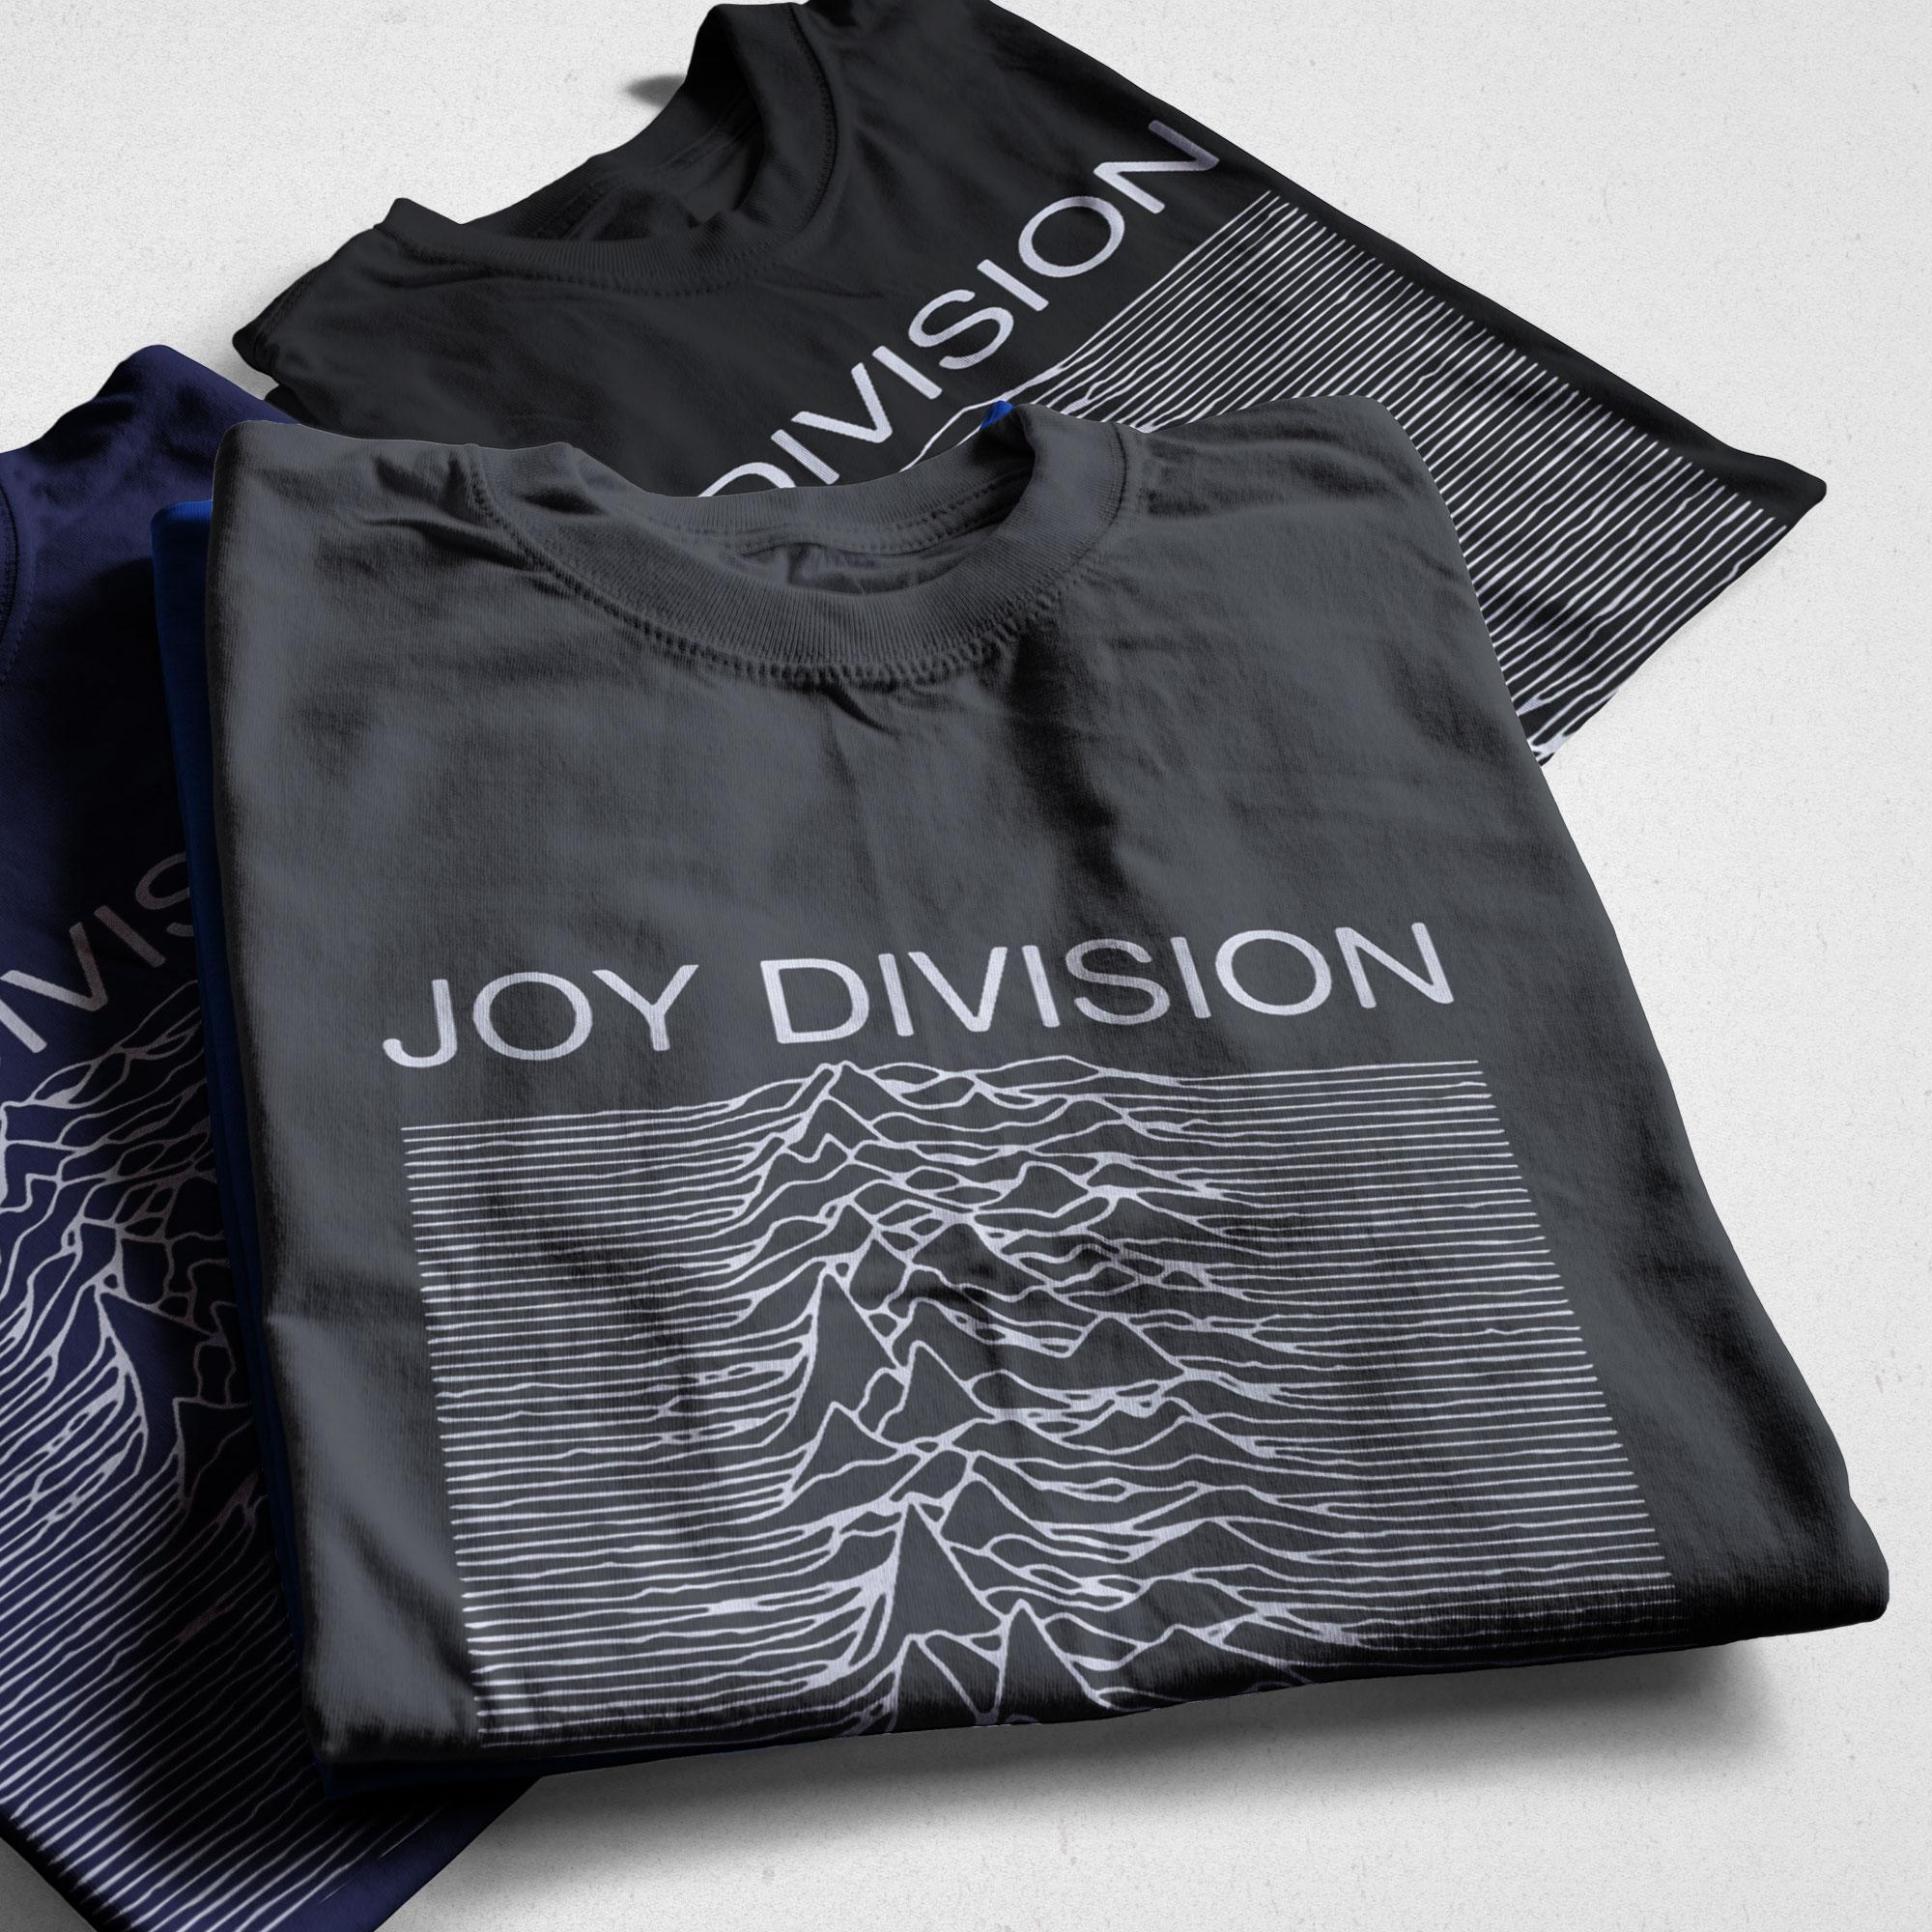 Космическая струна 100% хлопок Летние мужские футболки Joy Division неизвестное удовольствие панк крутая футболка рок хипстерская футболка футбо...